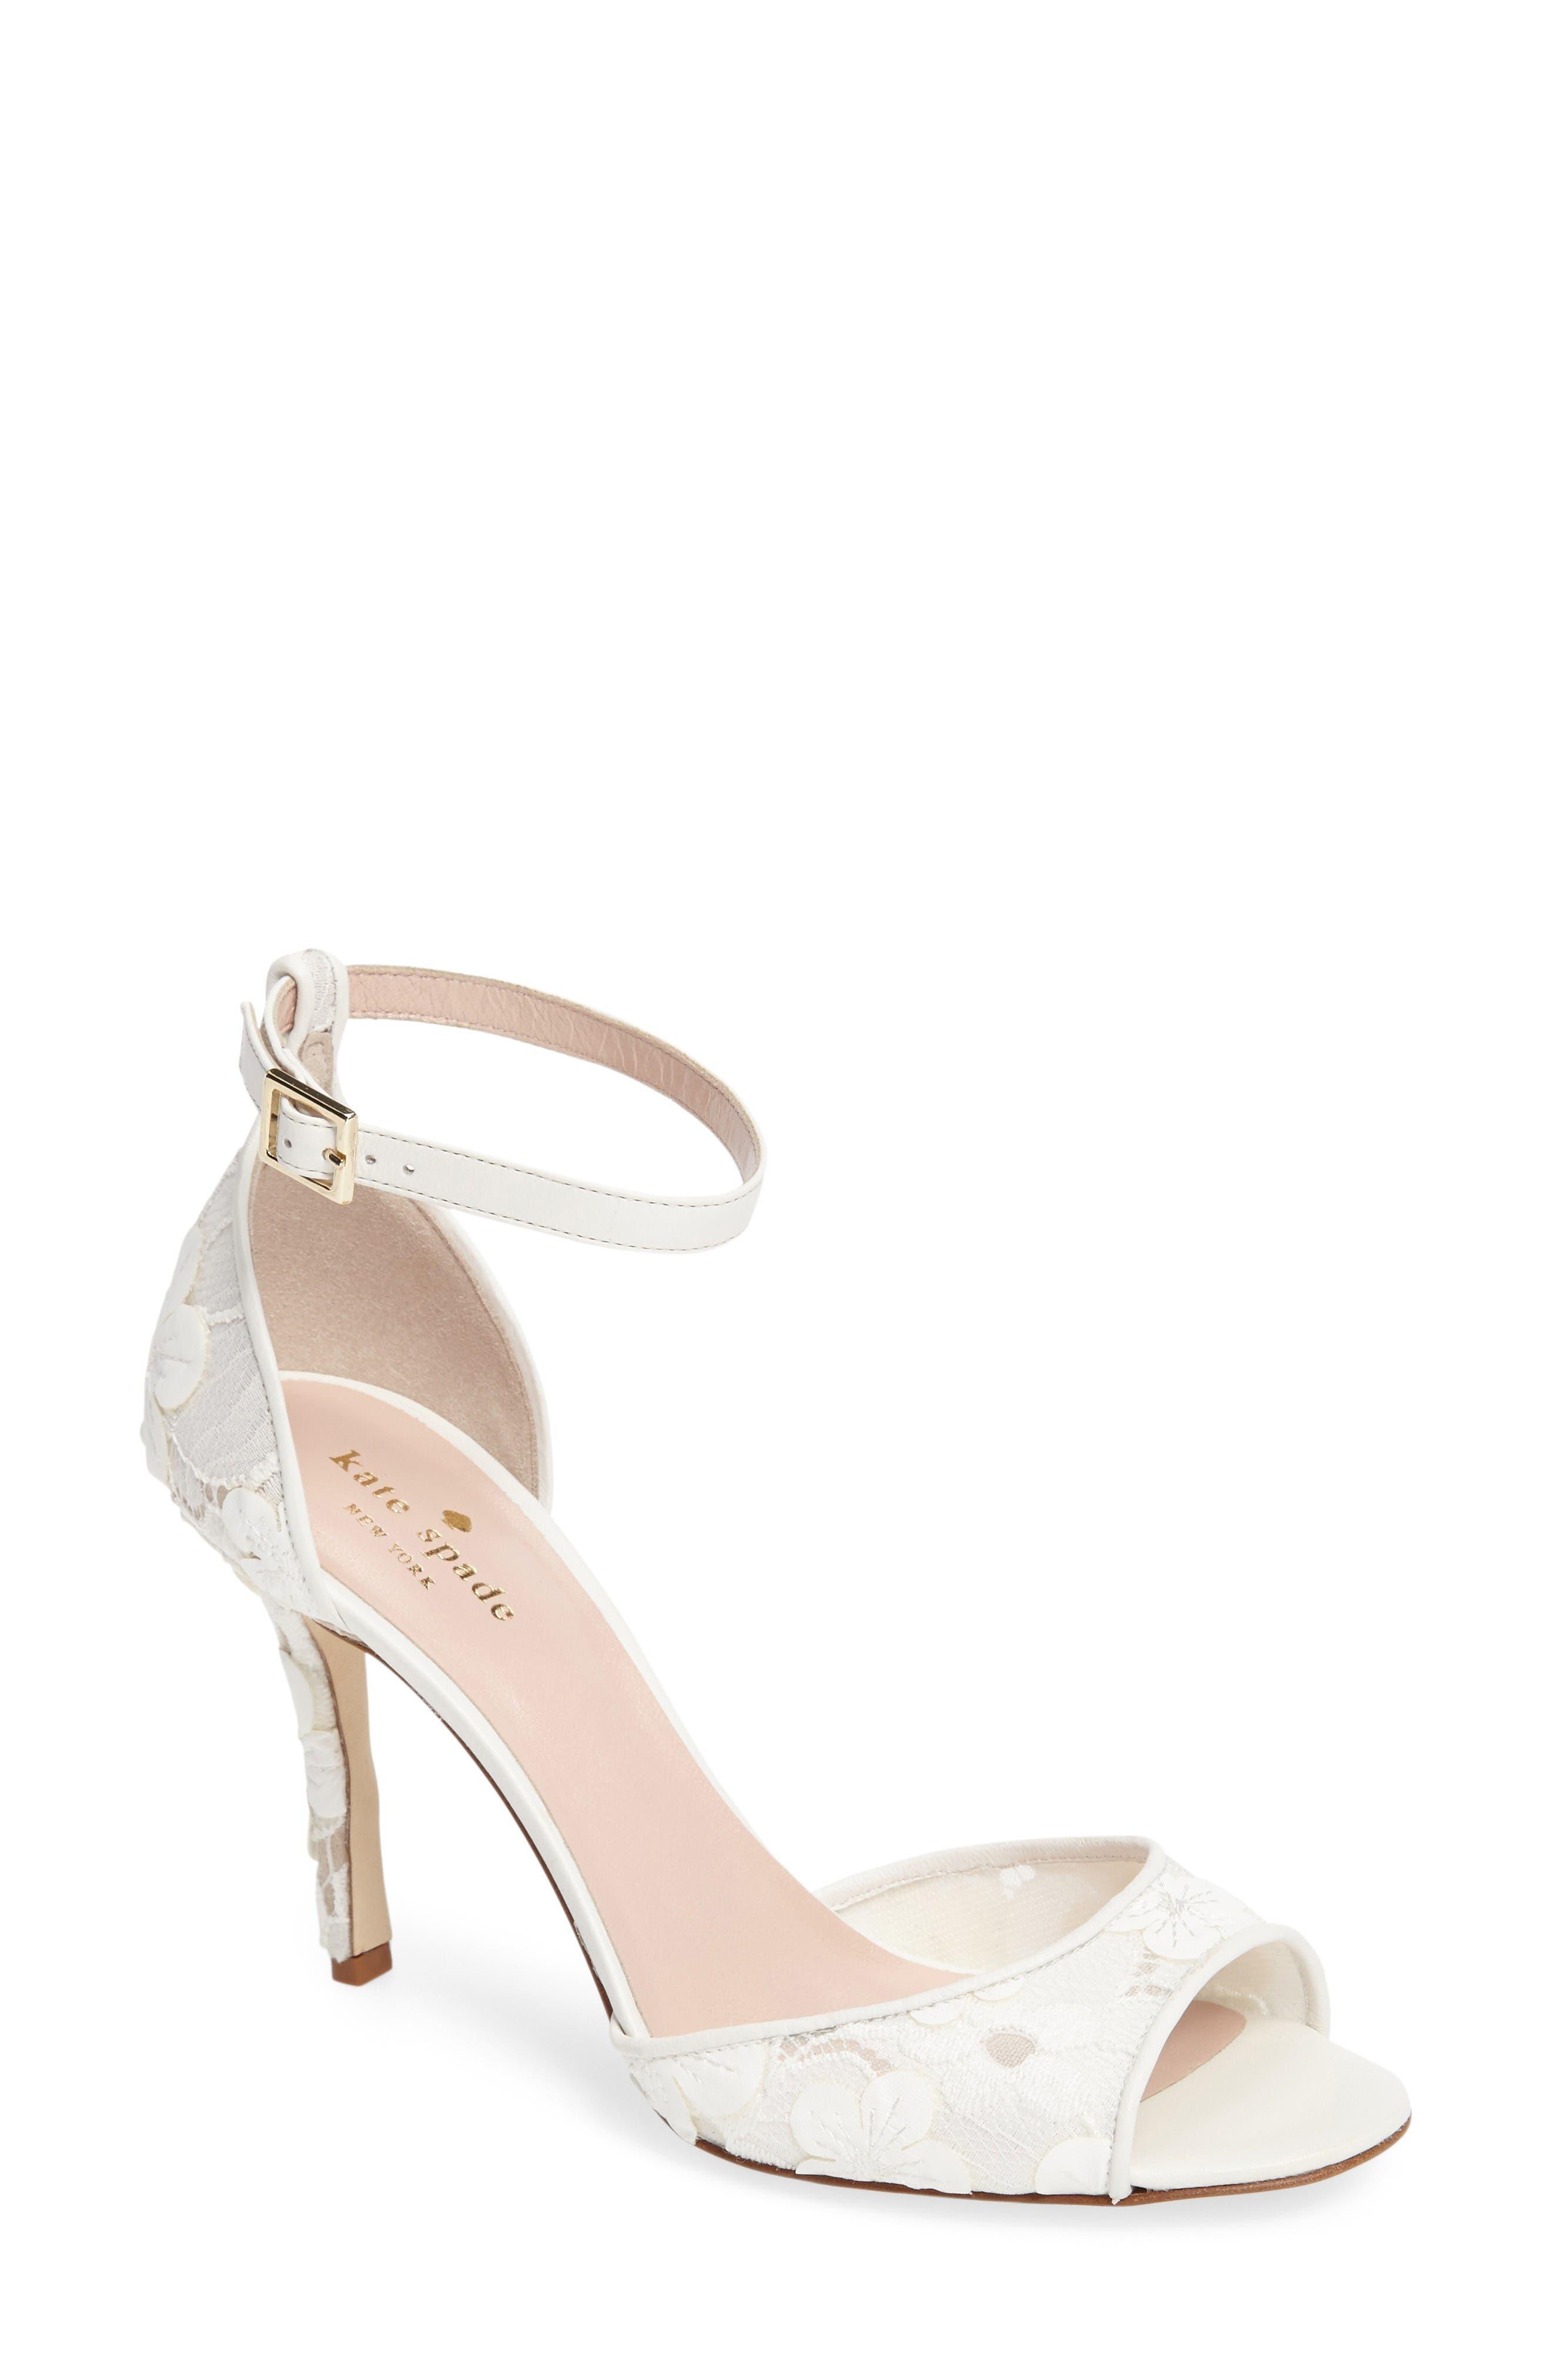 ideline floral lace sandal,                         Main,                         color, 112